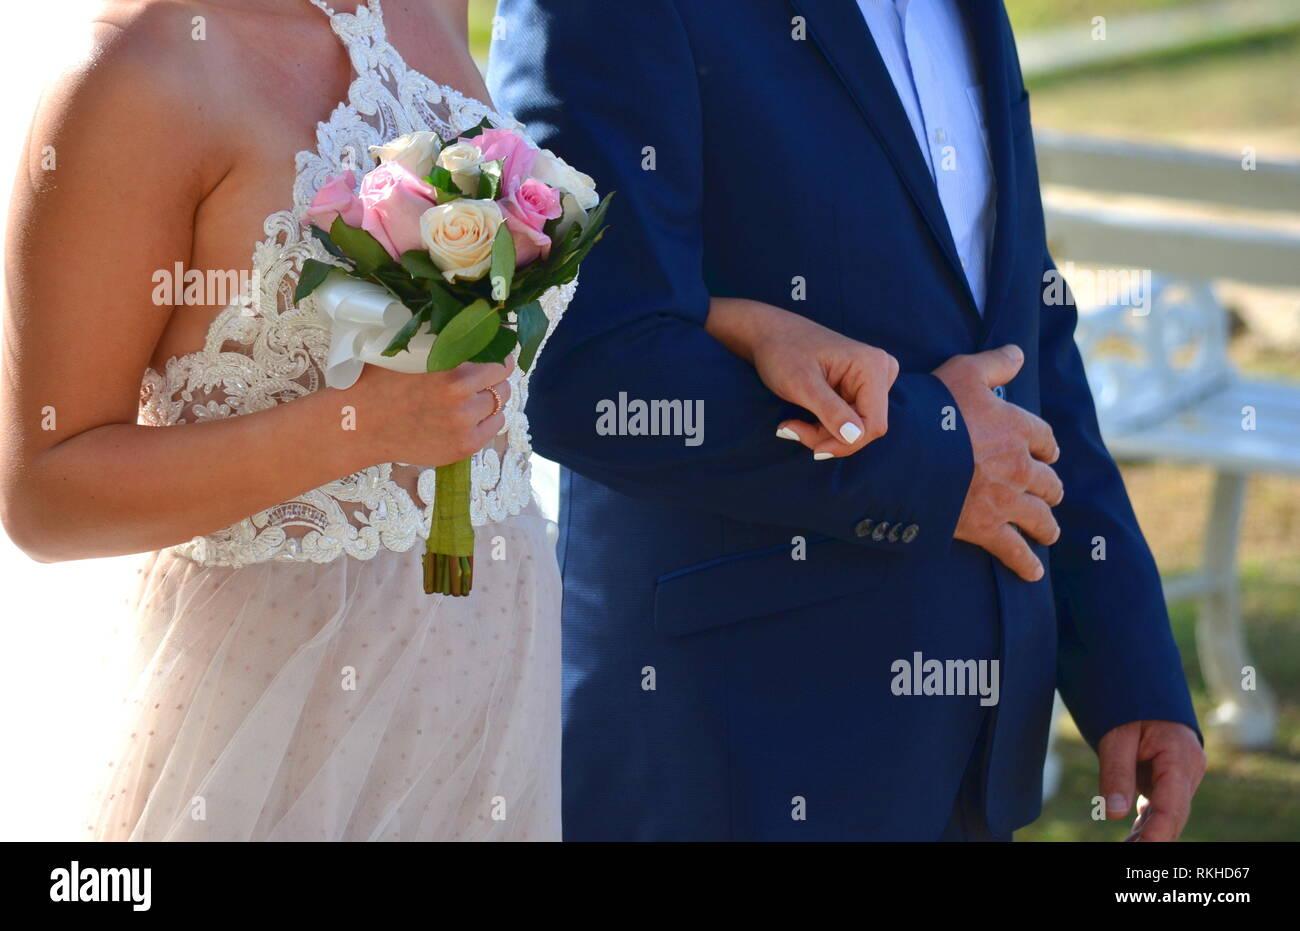 Junge Braut in eine weisse Spitze Neckholder Kleid Hochzeit gehen